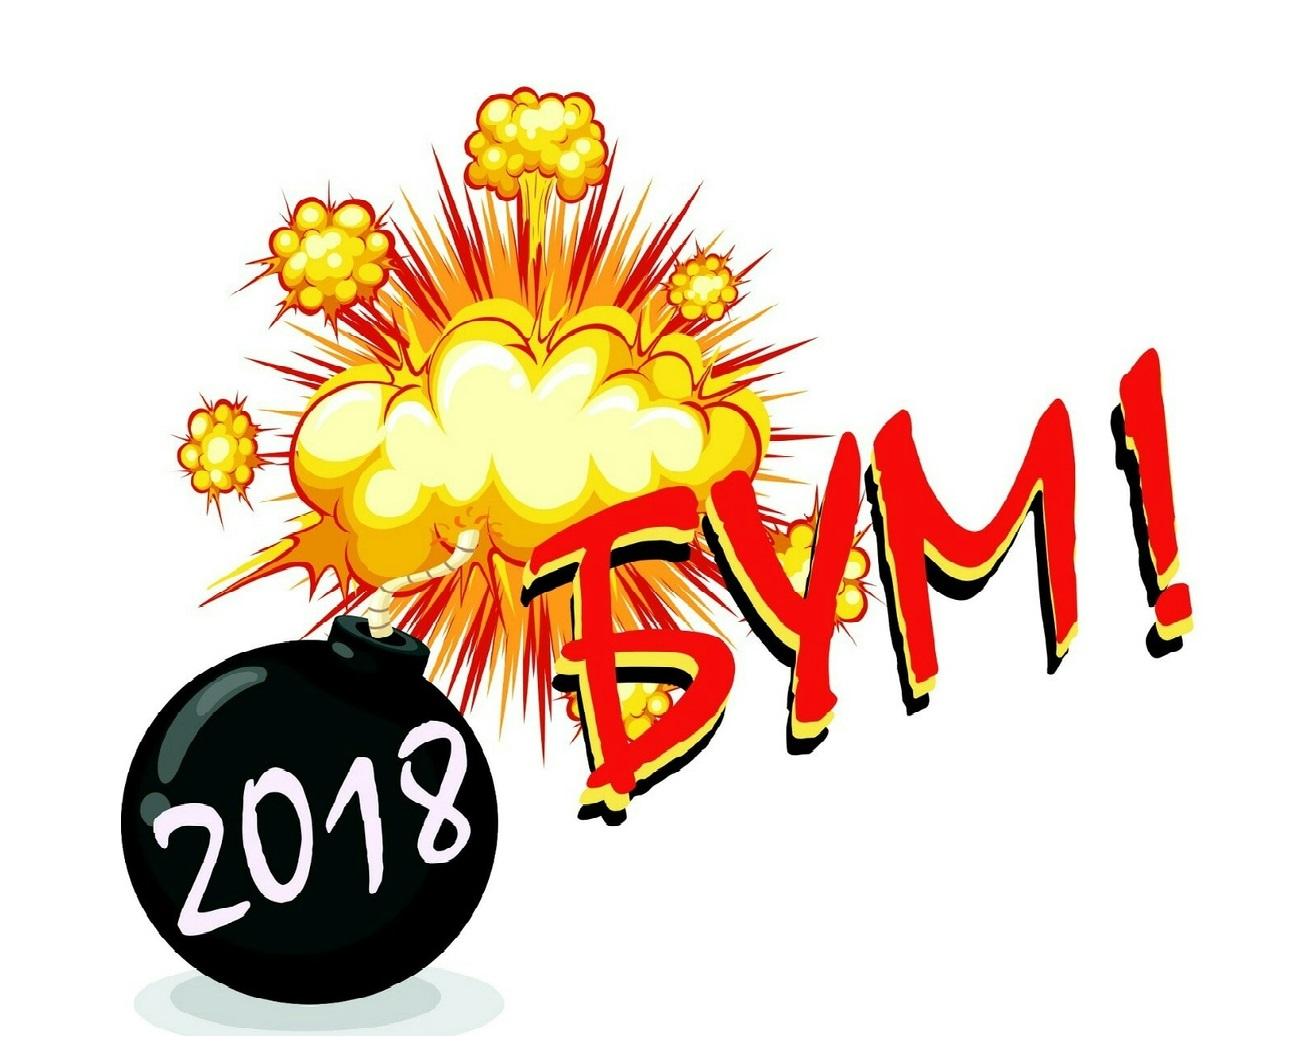 Приближается «БУМ-2018». 25 межрегиональный фестиваль  молодежных театров и команд КВН